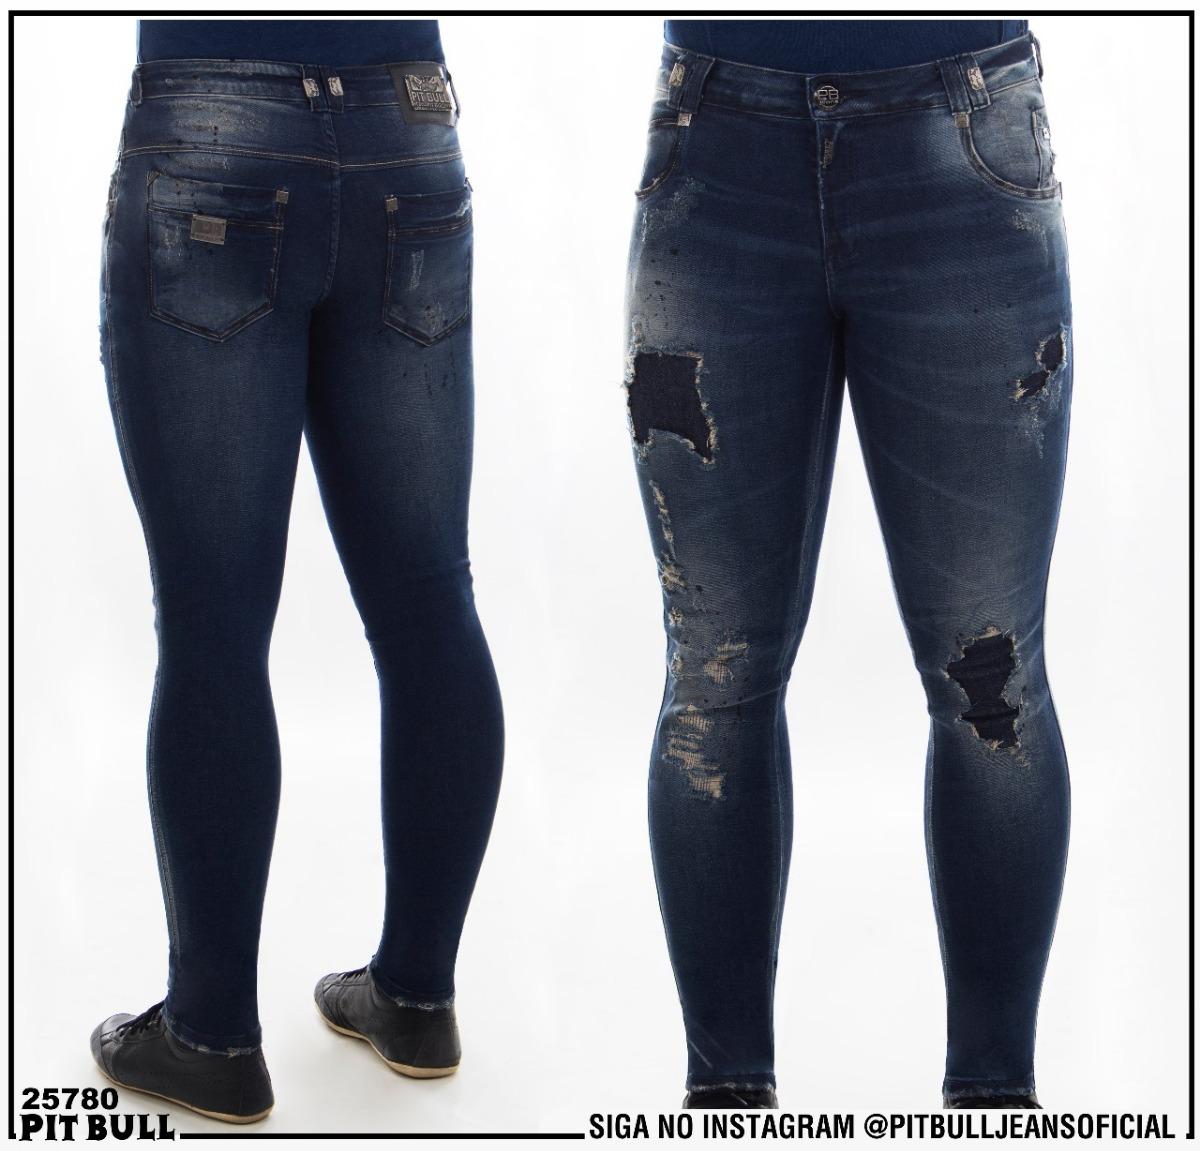 8232257e4 Calça Masculino Pit Bull Jeans Ref 25780 Super Slim - R$ 289,00 em ...